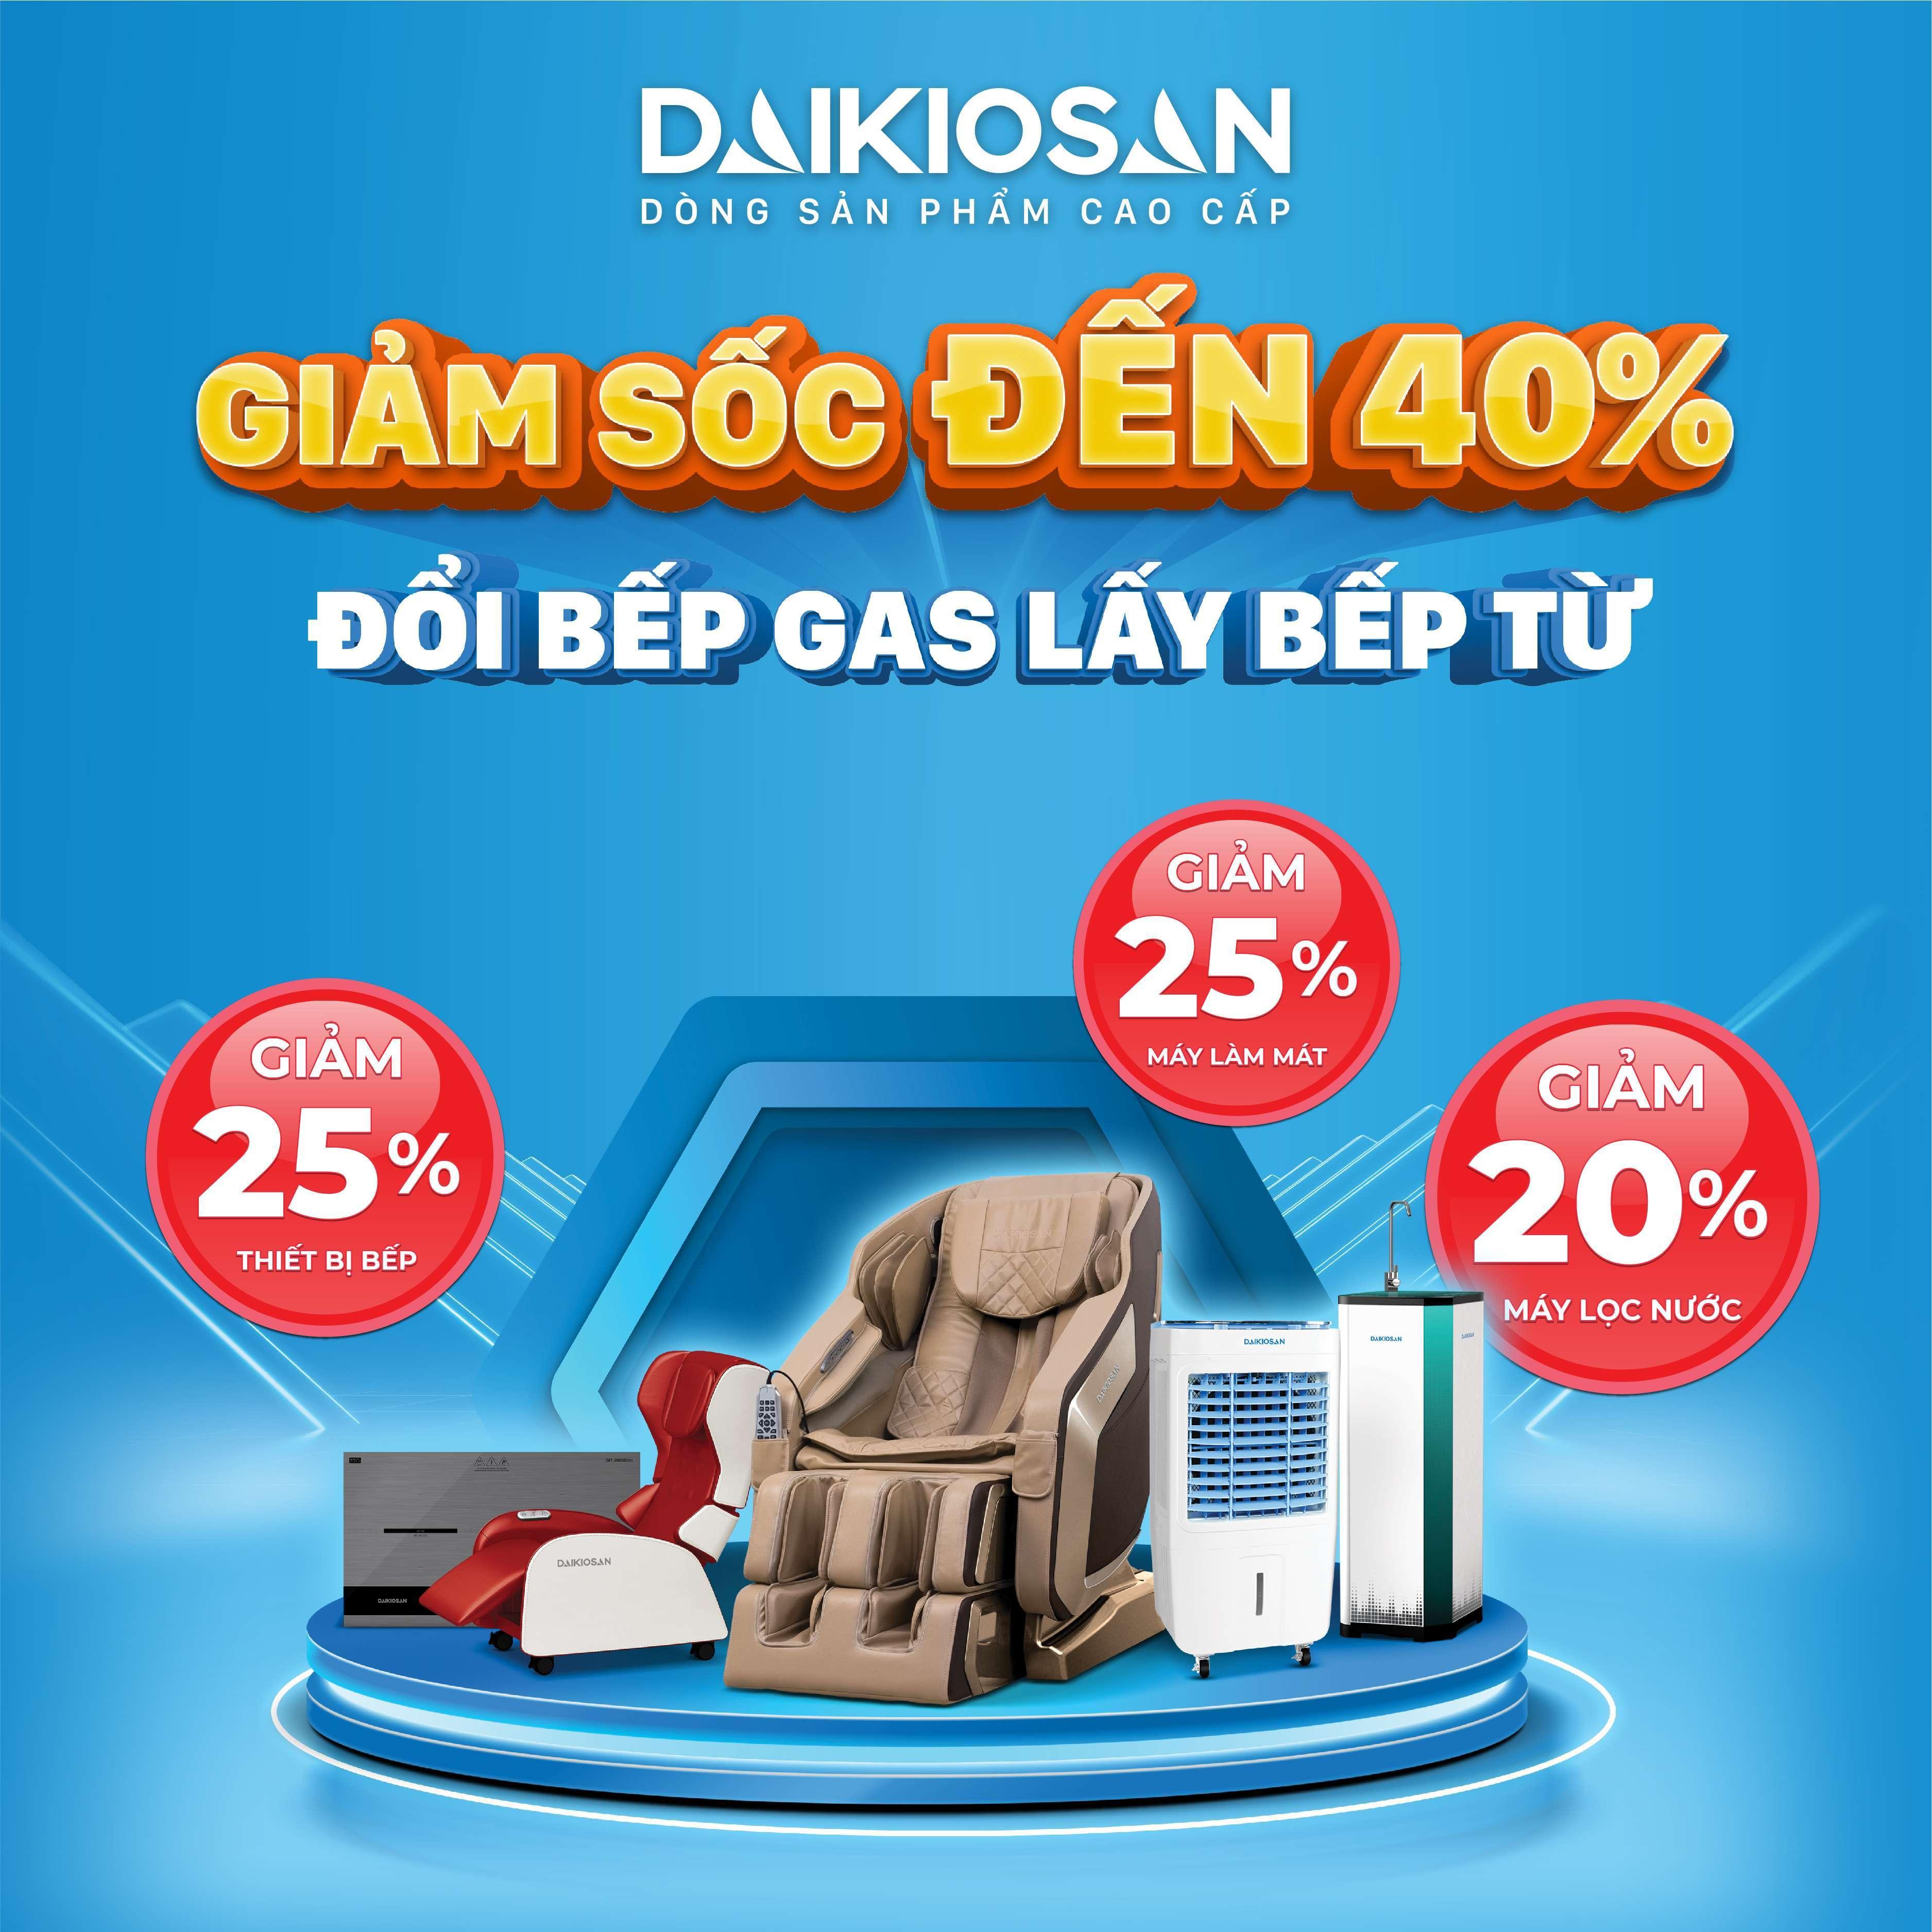 Khuyến mãi lên đến 40% các sản phẩm thuộc Tập Đoàn Đại Việt